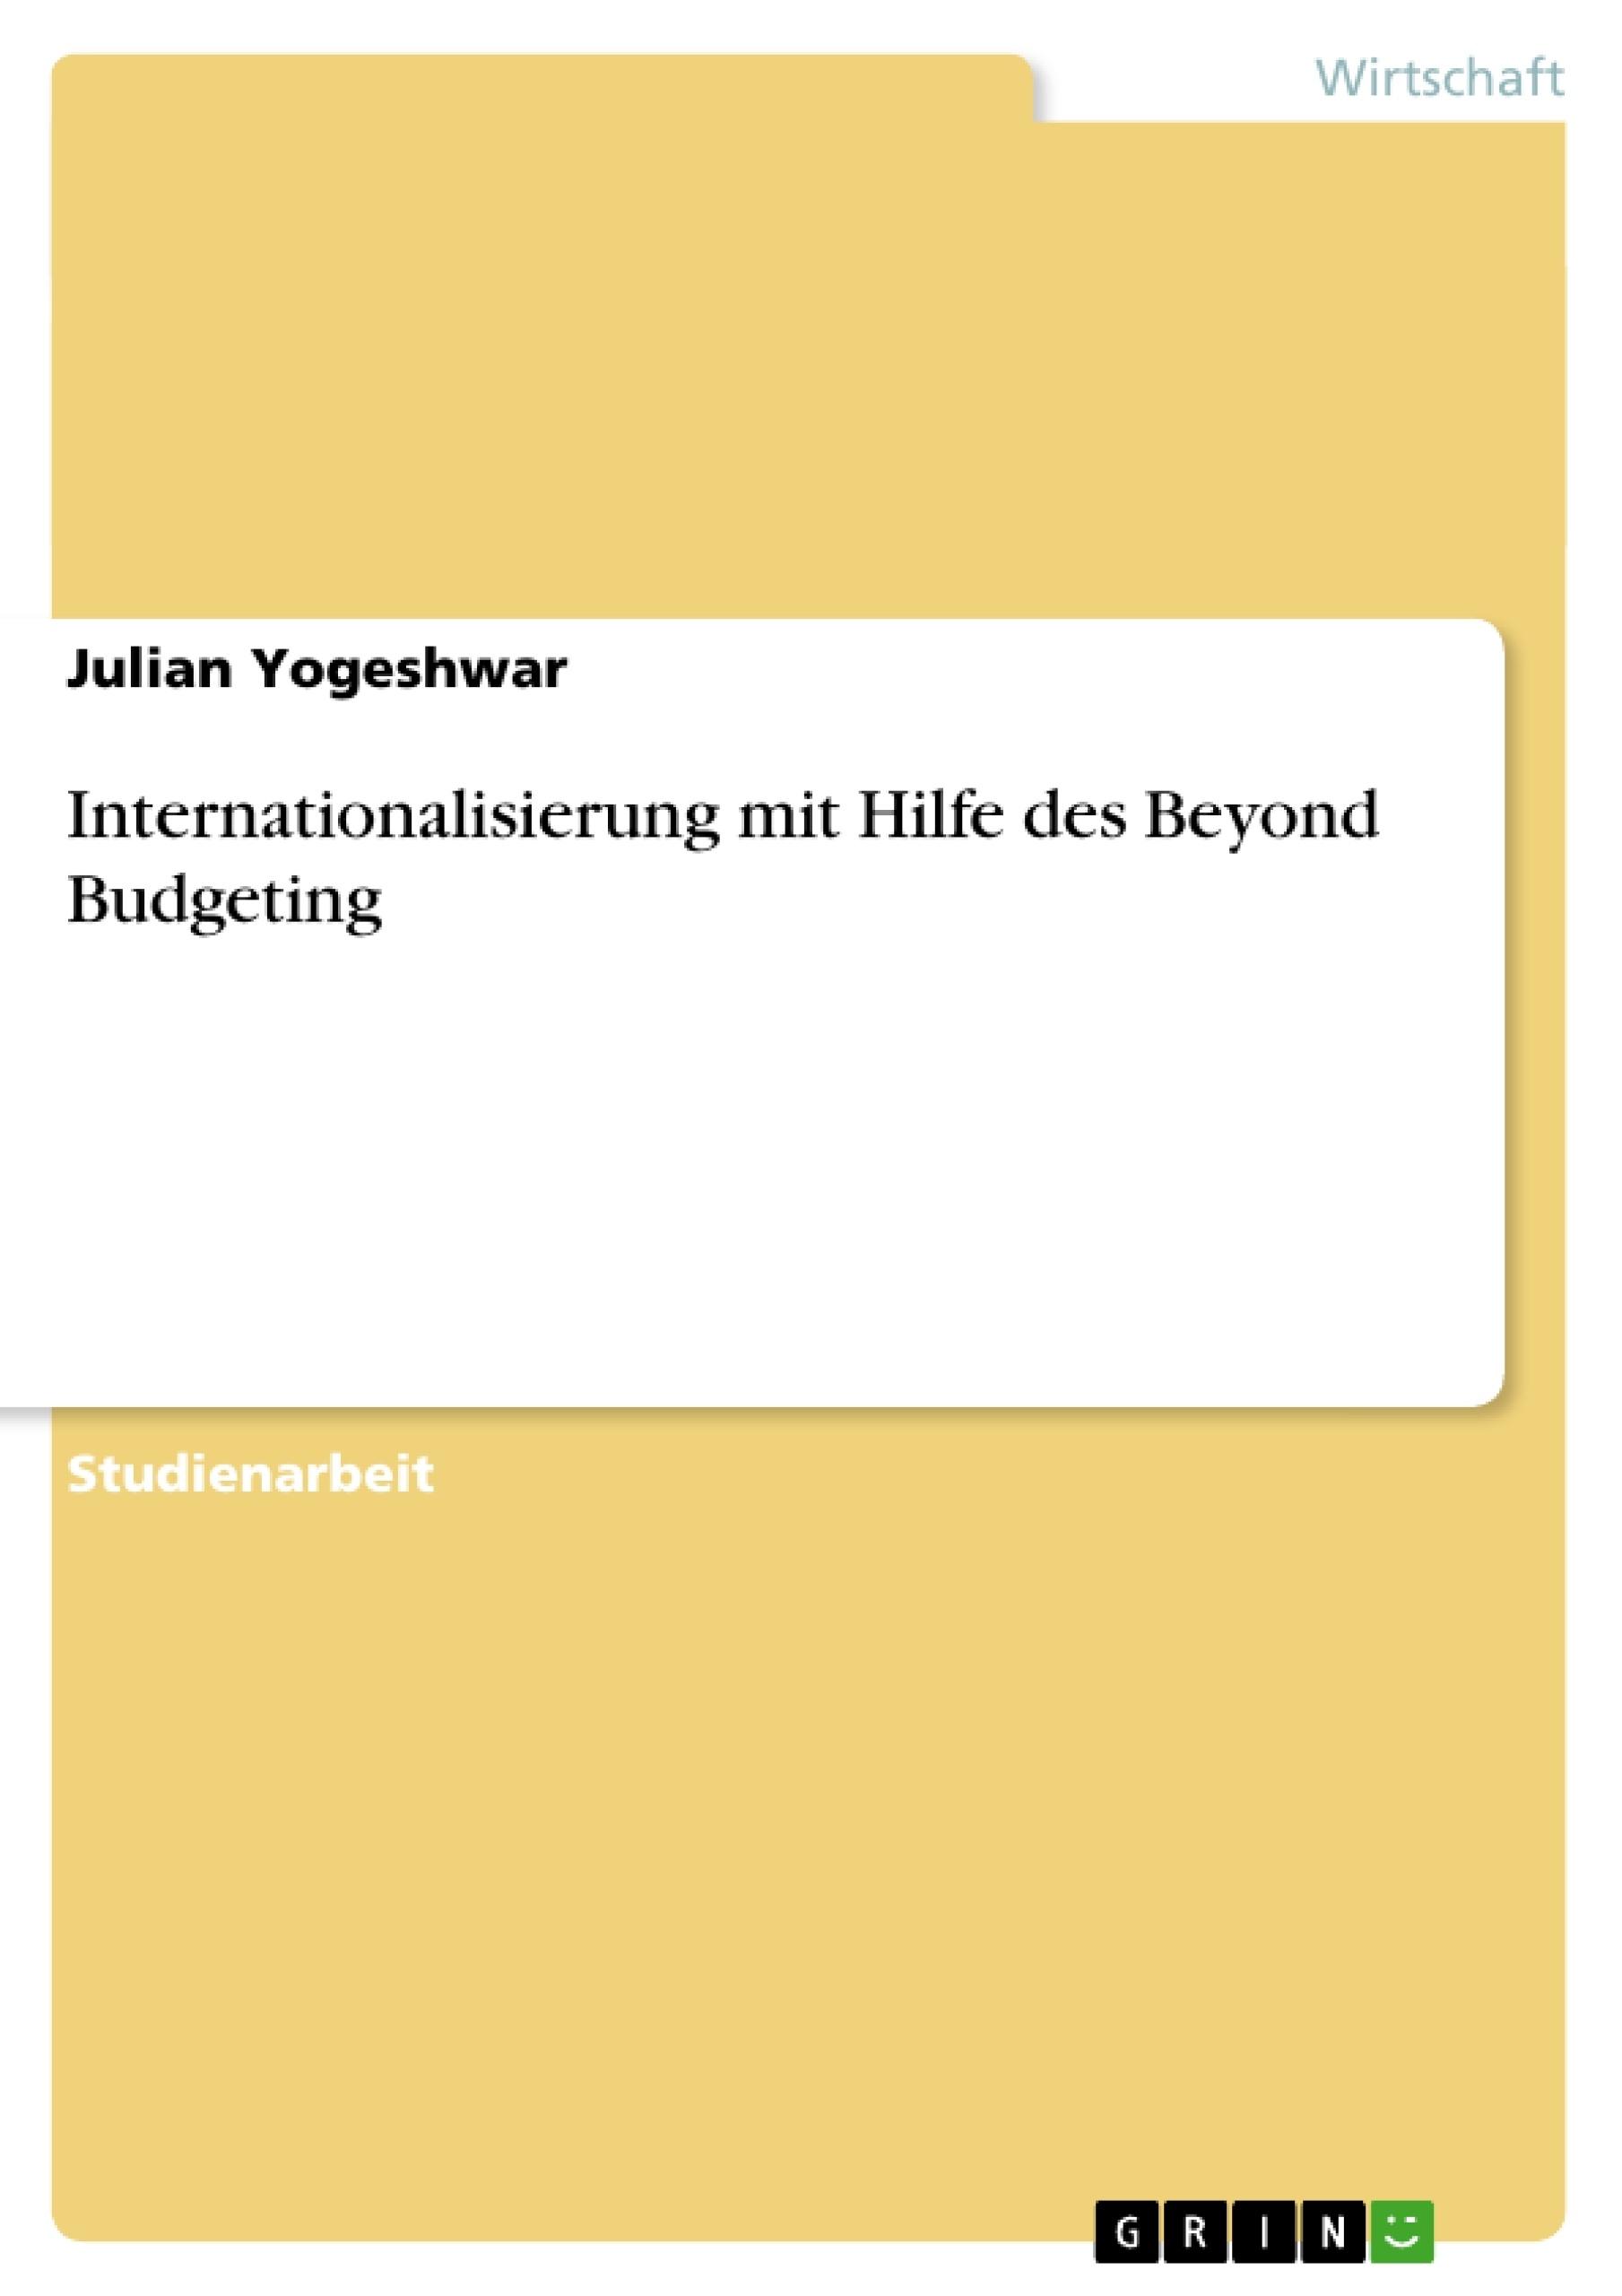 Titel: Internationalisierung mit Hilfe des Beyond Budgeting